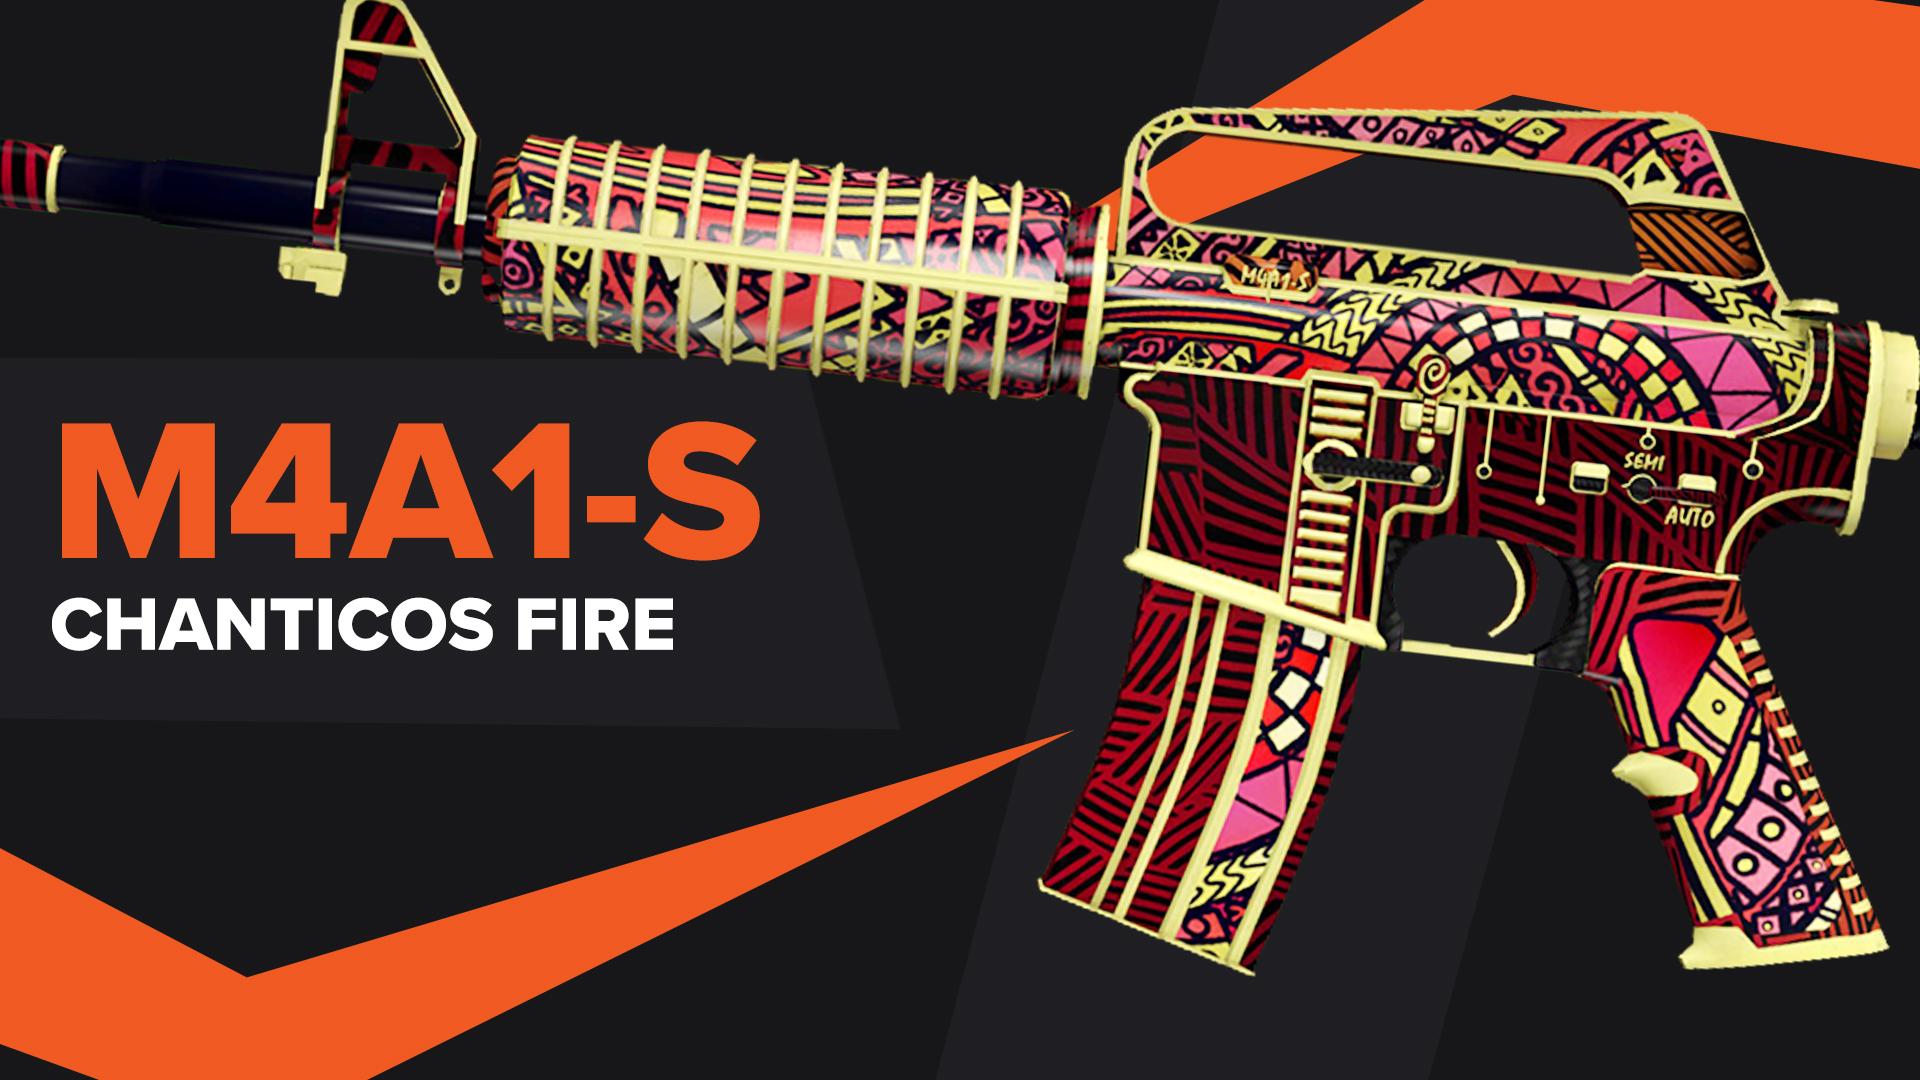 Chanticos Fire CSGO Skin M4A1S